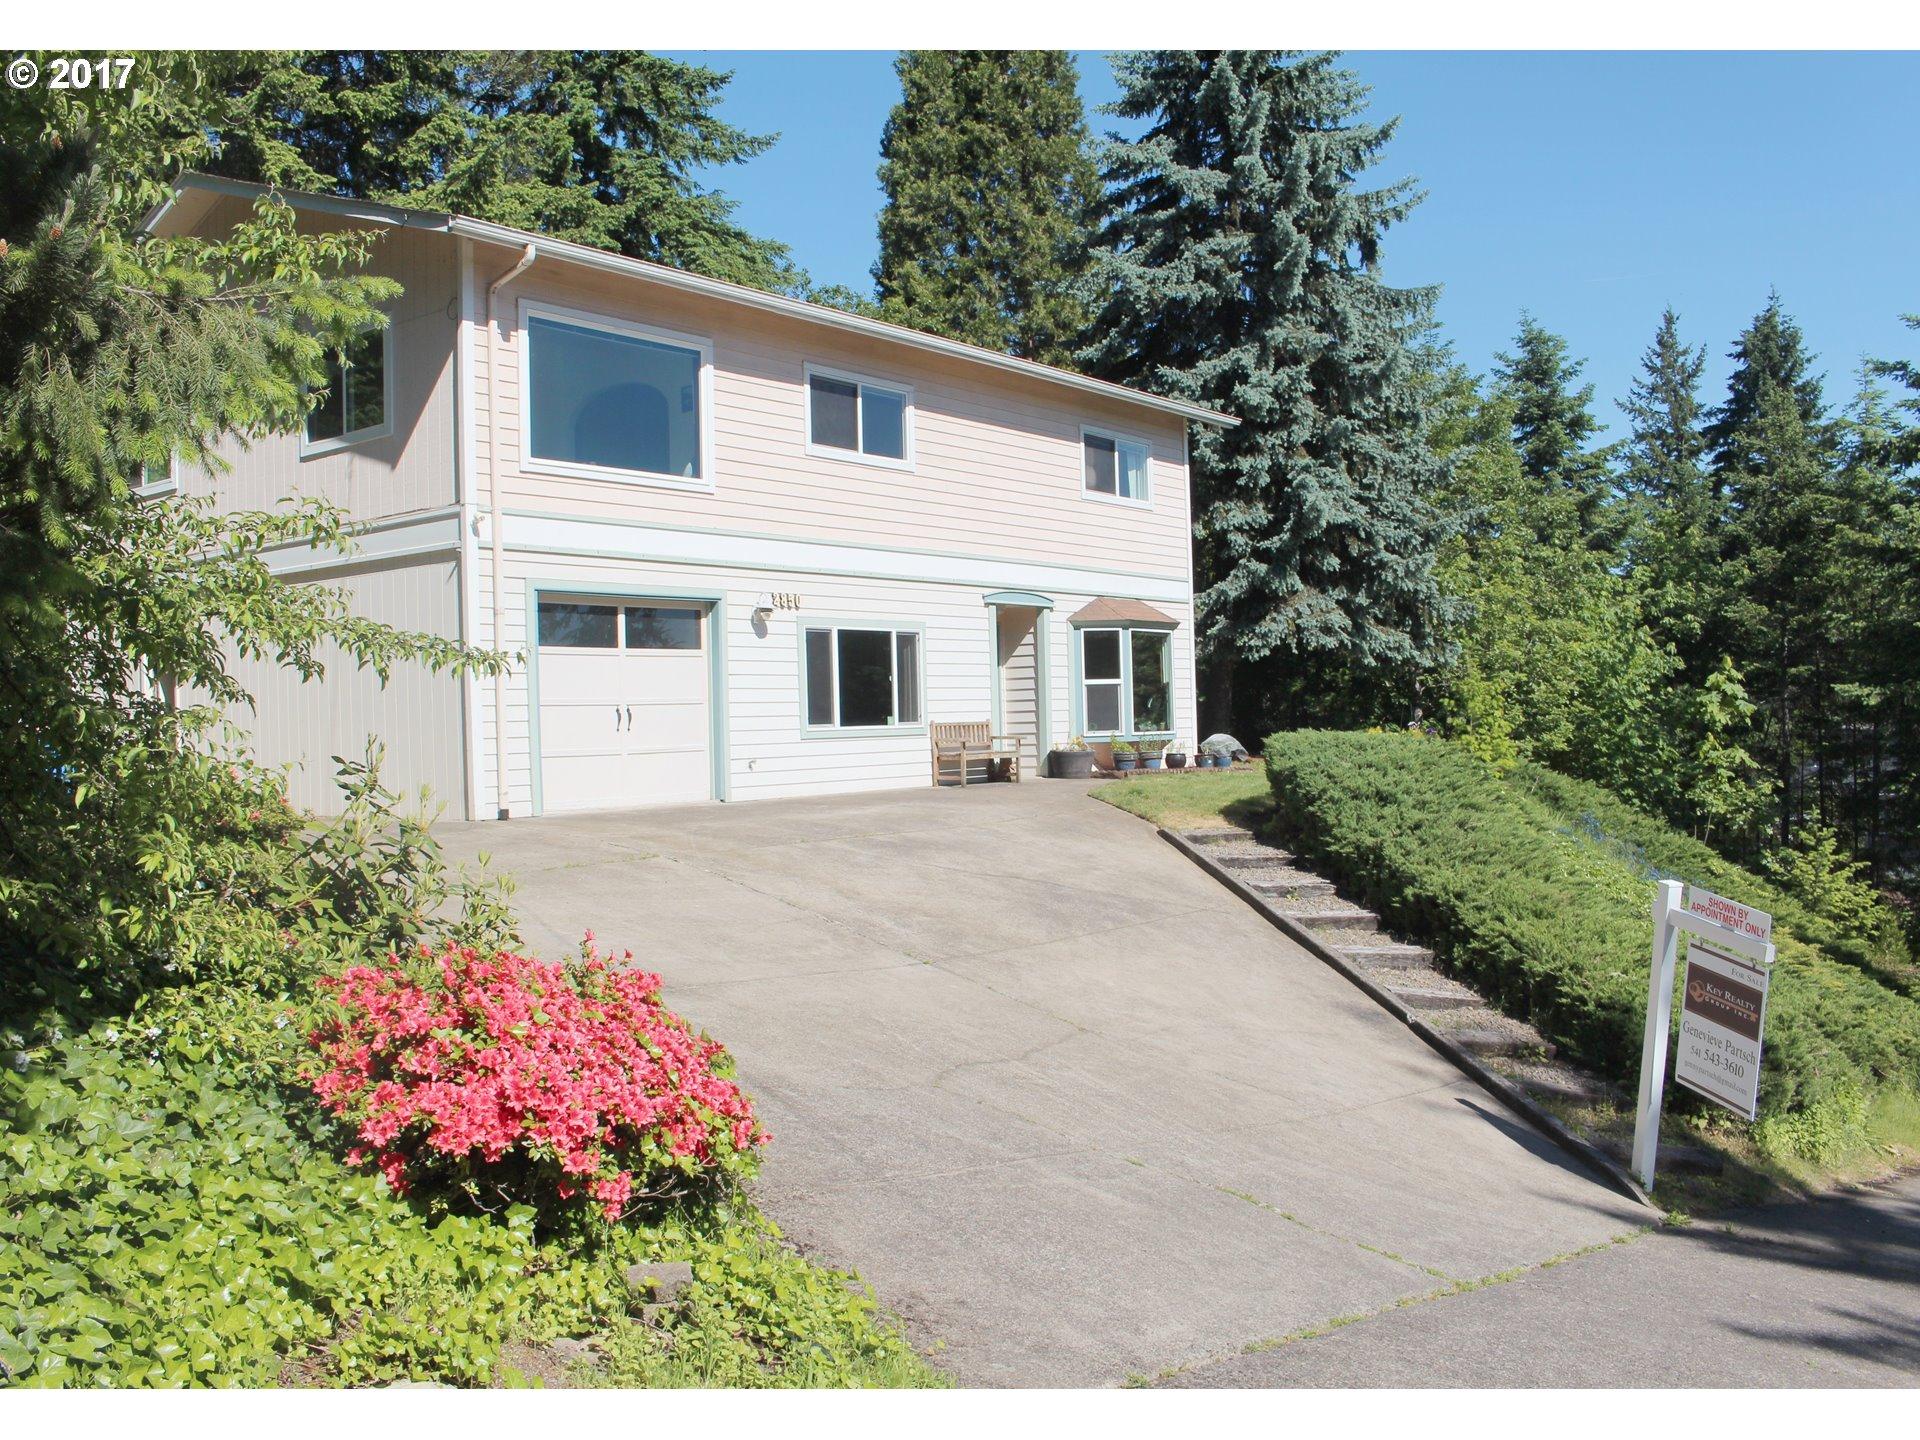 2850 GARFIELD ST, Eugene, OR 97405